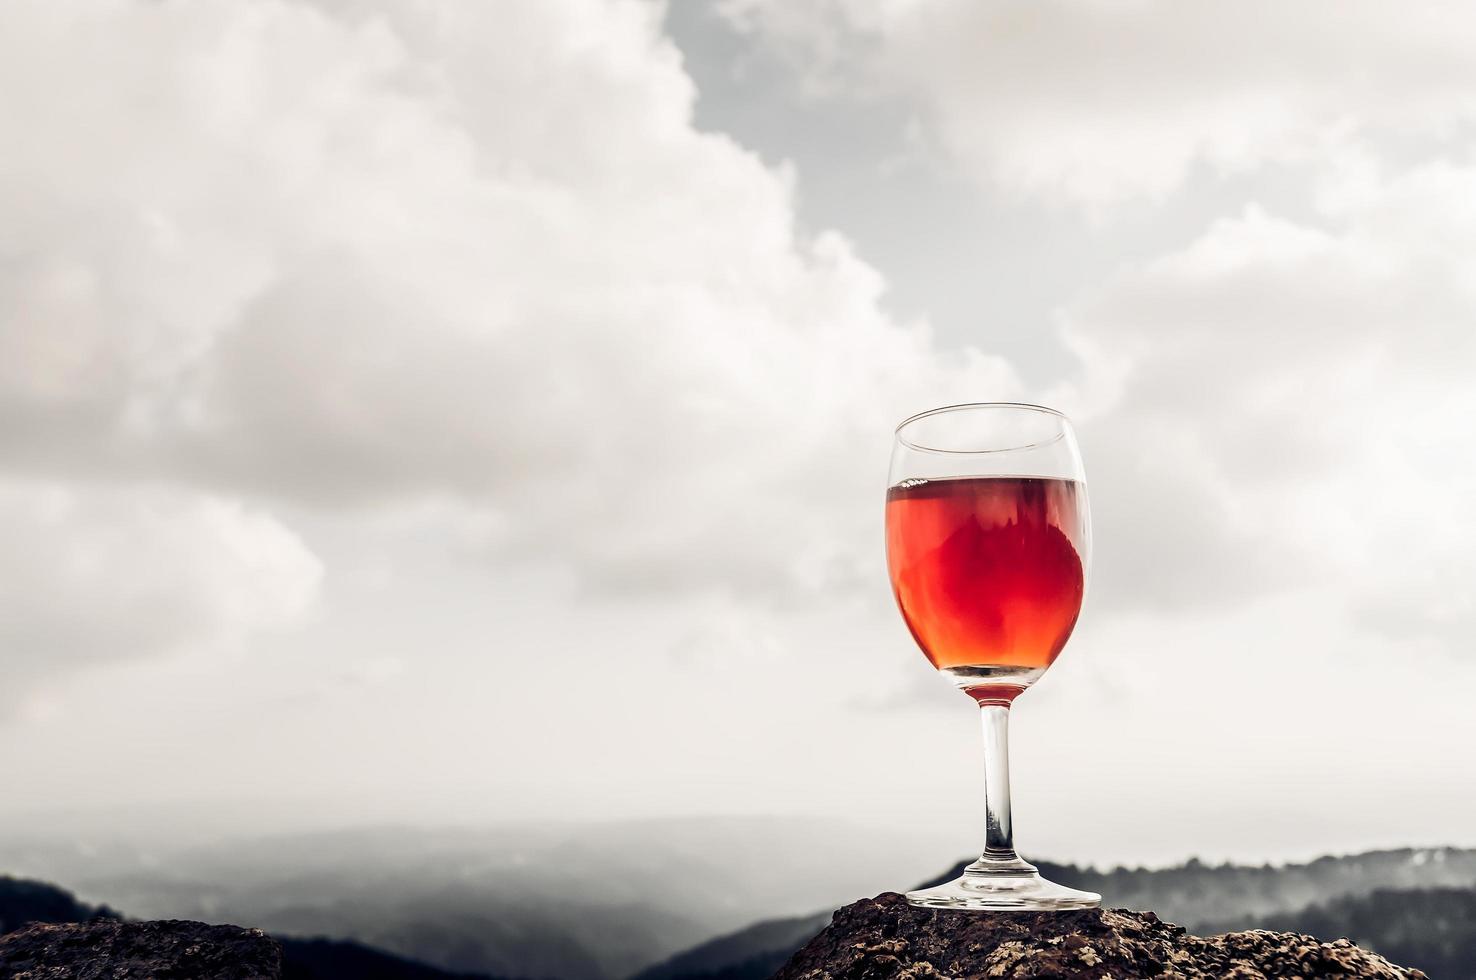 een glas rose wijn voor een bergachtig landschap foto